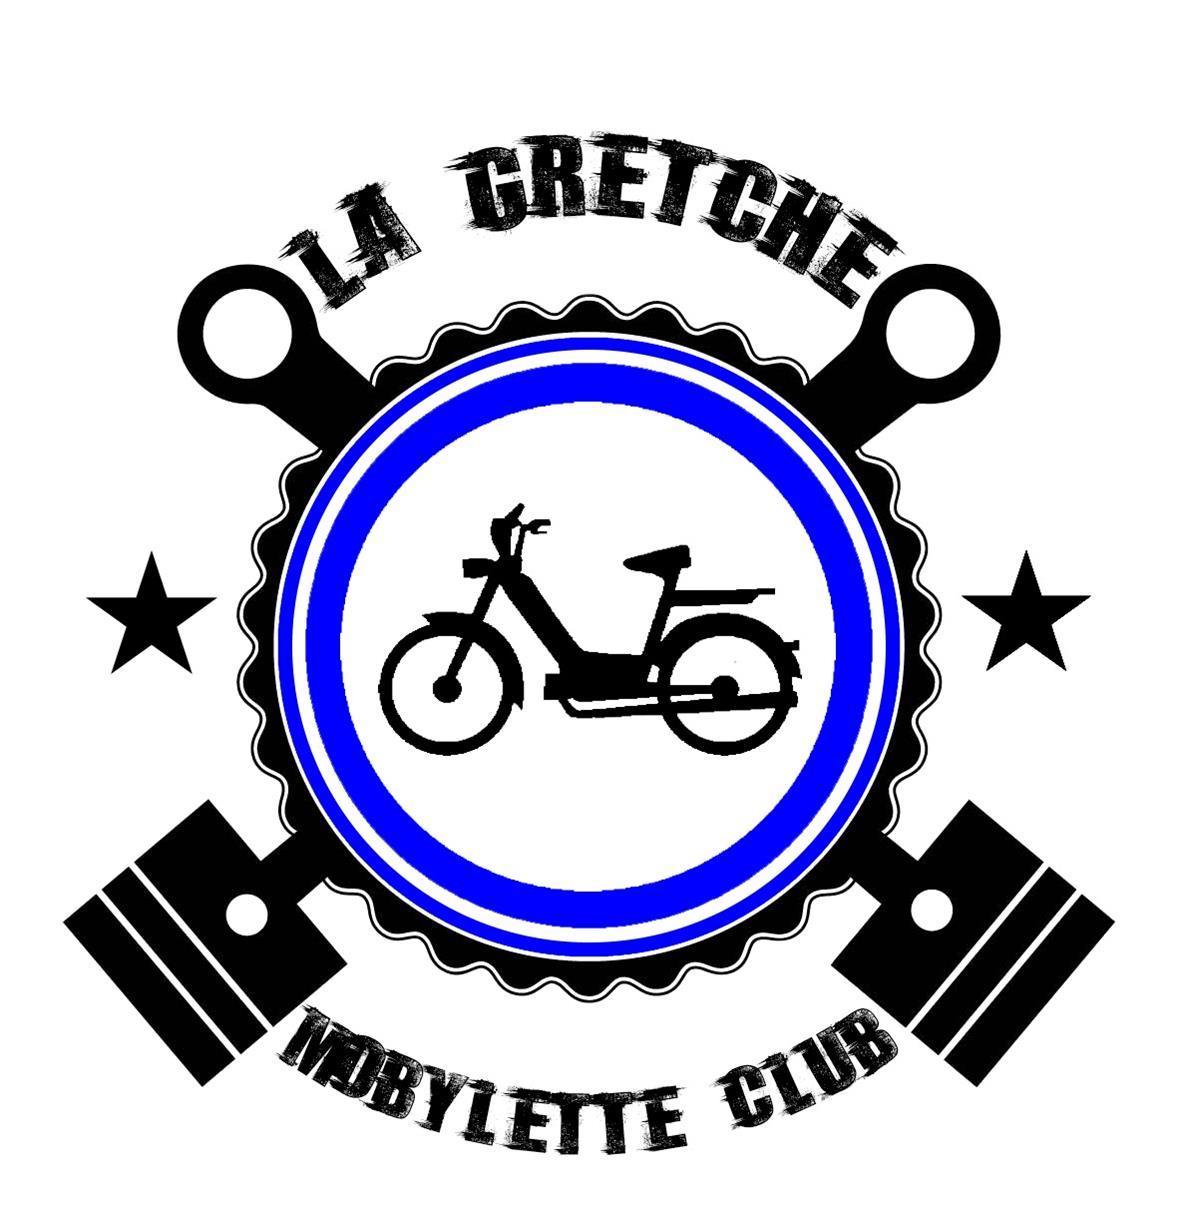 La Grêtche Mobylette Club